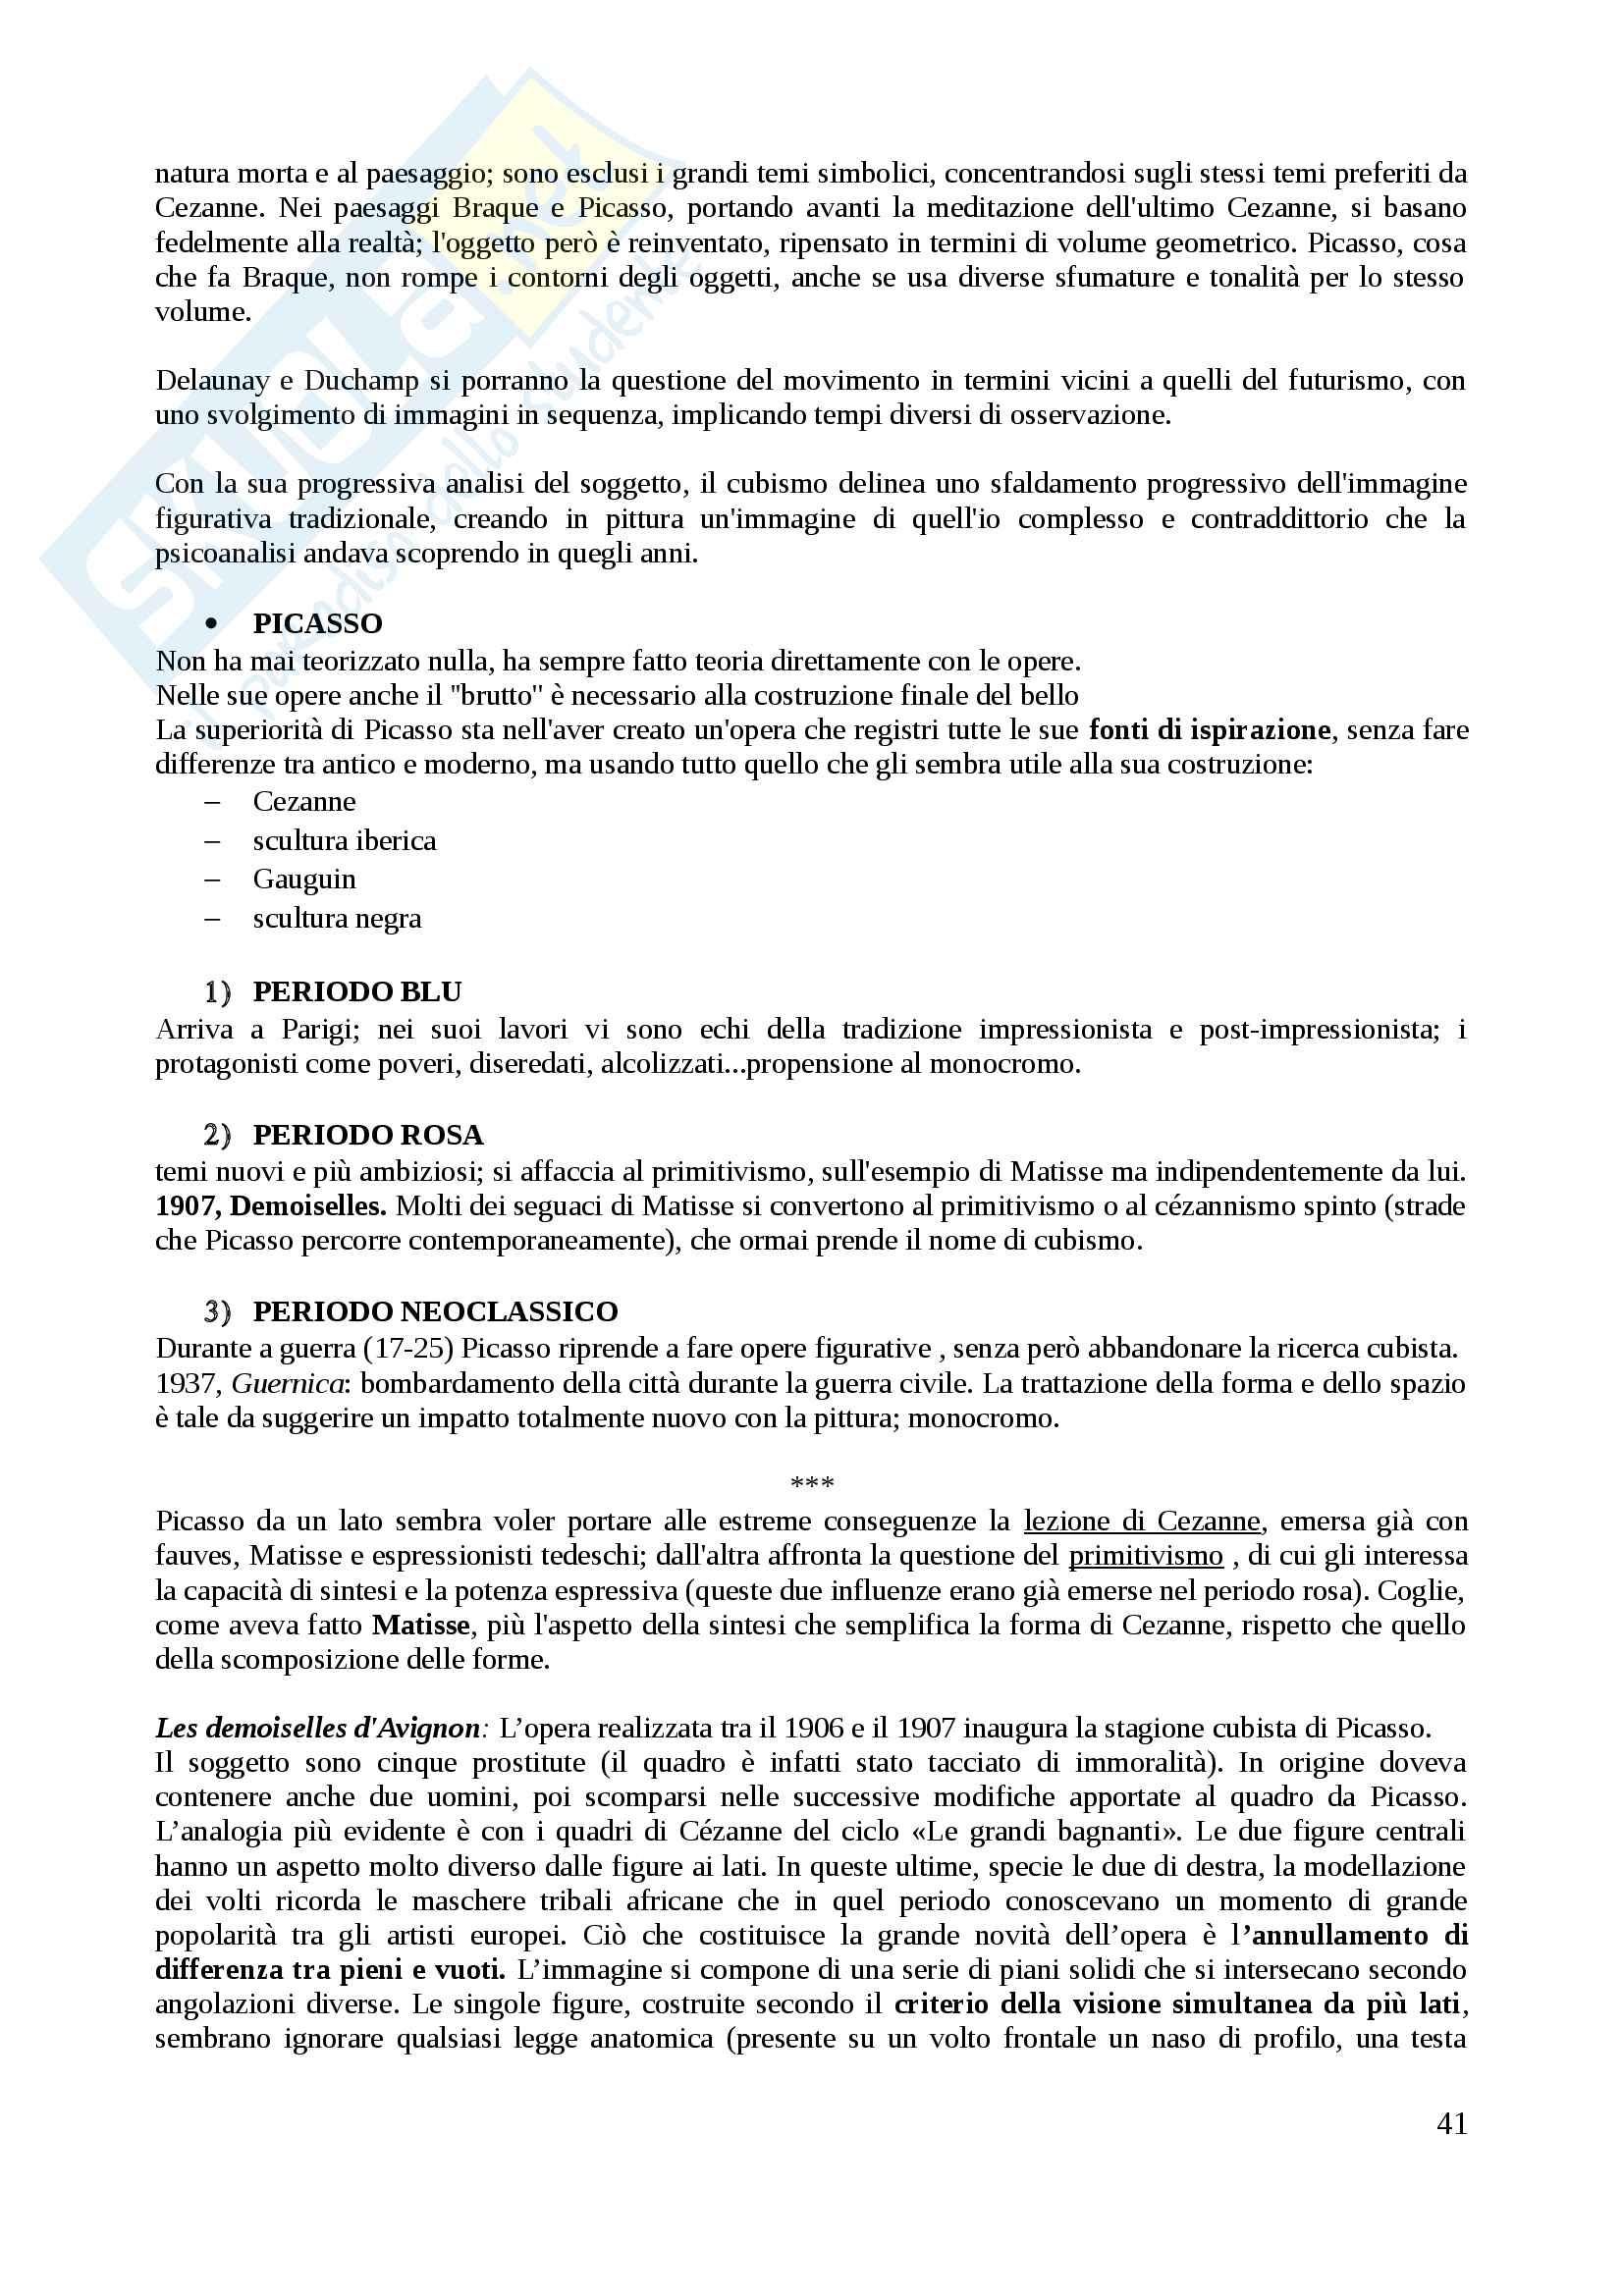 Riassunto esame arte contemporanea, docente Di Raddo, libro consigliato: De Vecchi, Cerchiari: Arte nel tempo vol III Pag. 41